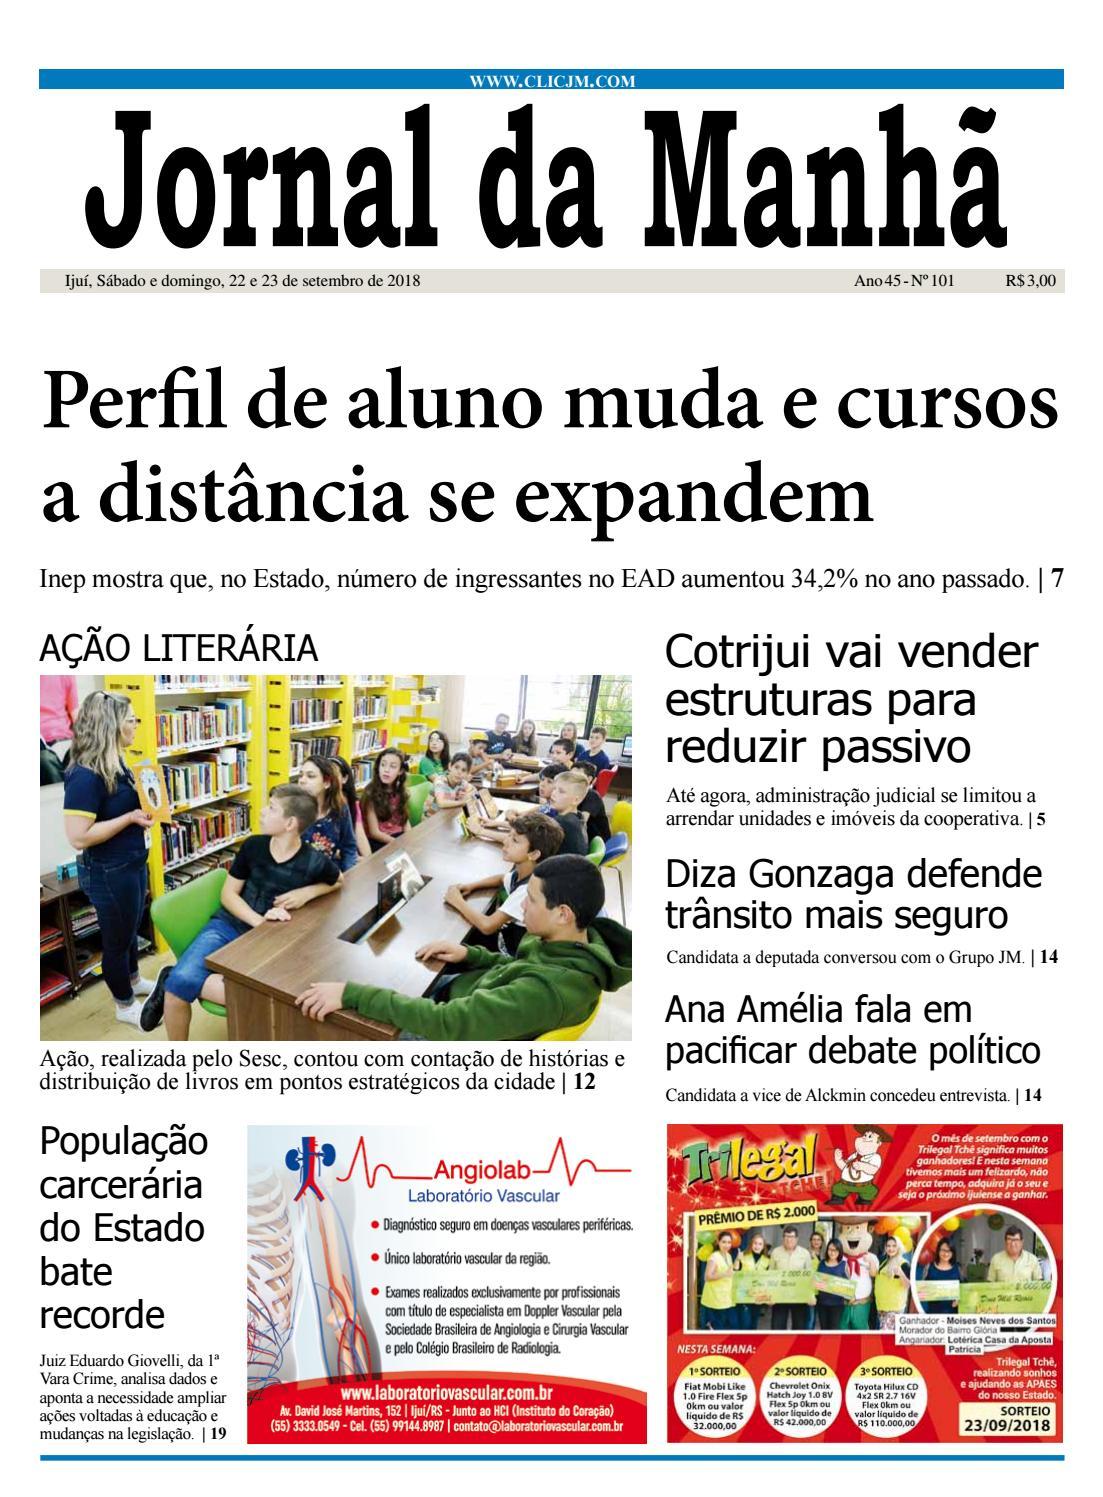 a856eec20d5 Jornal da Manhã - Sábado - 22-09-2018 by clicjm - issuu